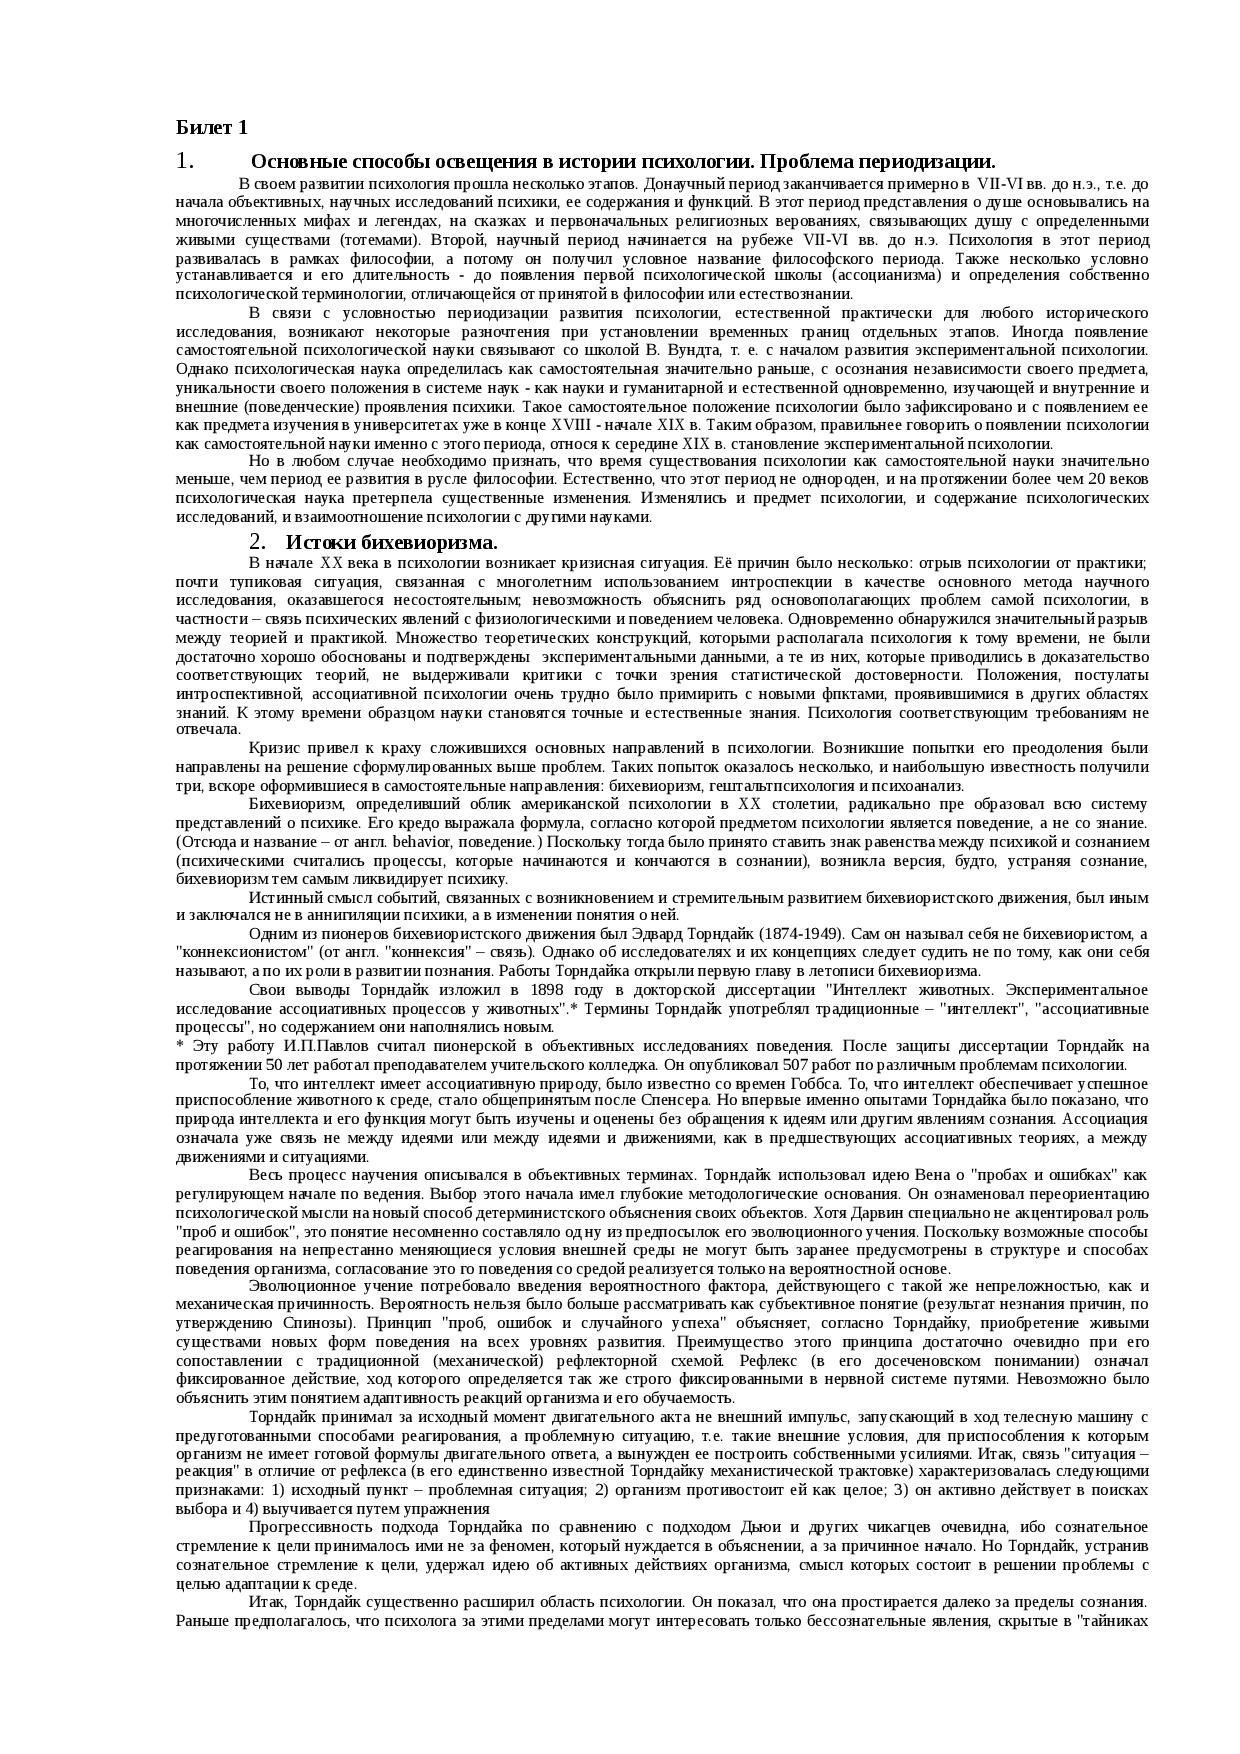 Братусь б. с. двойное бытие души и возможность христианской психологии (текст)